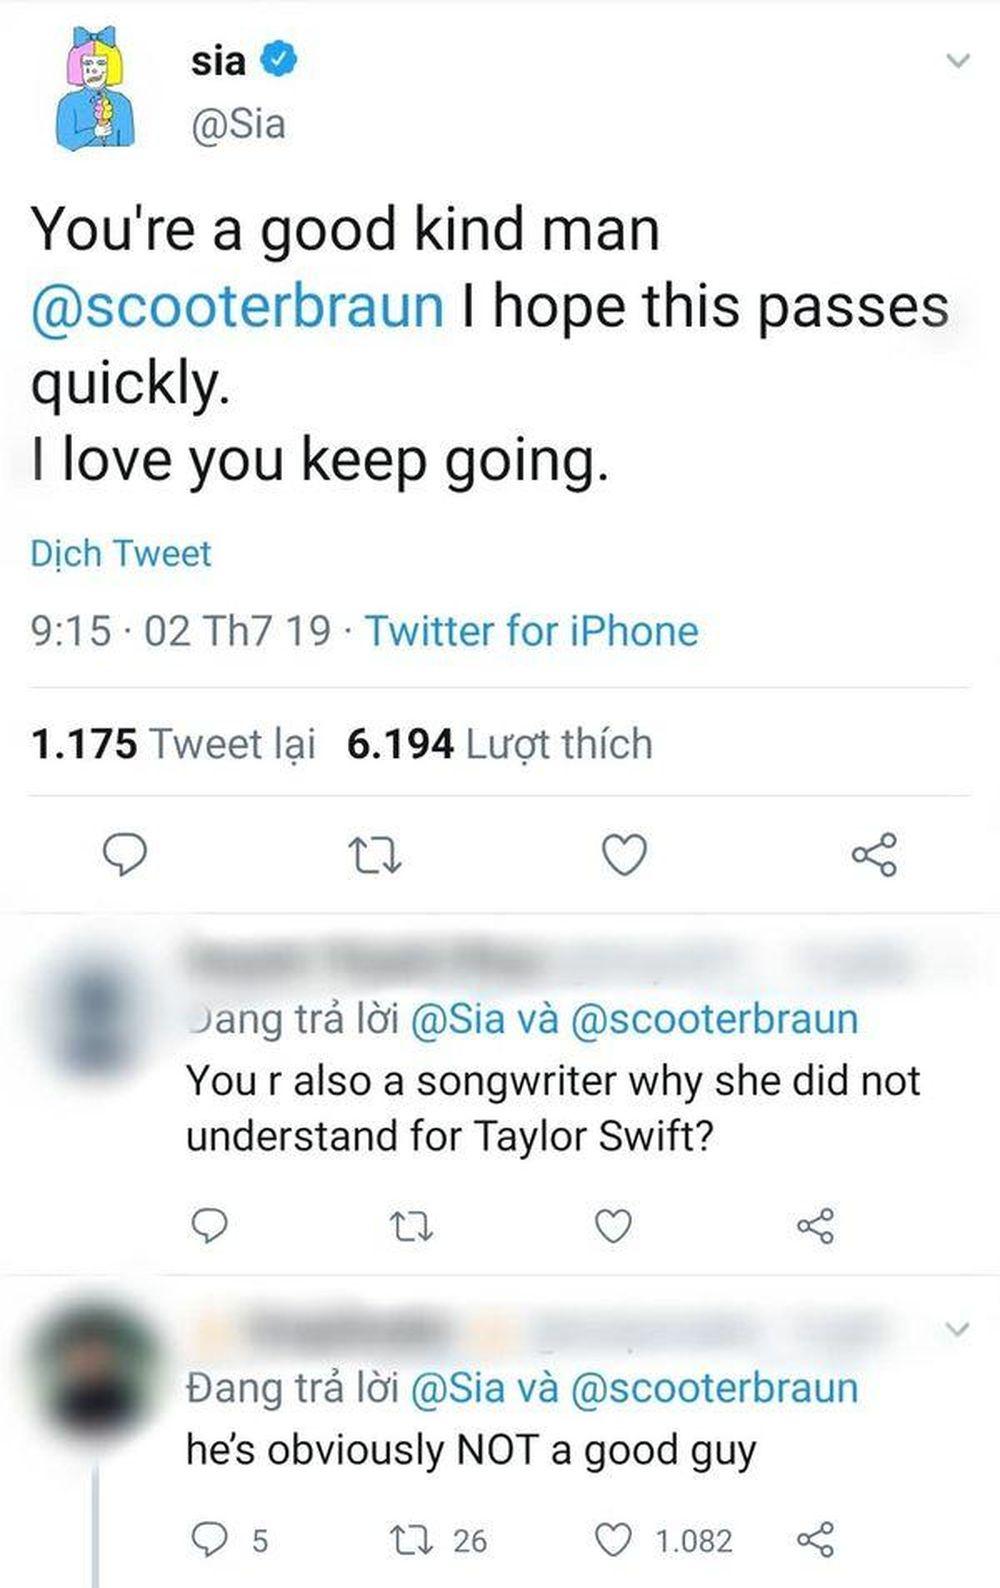 Sia khiến fan thất vọng khi lên tiếng bênh vực Scooter Braun: 'Là